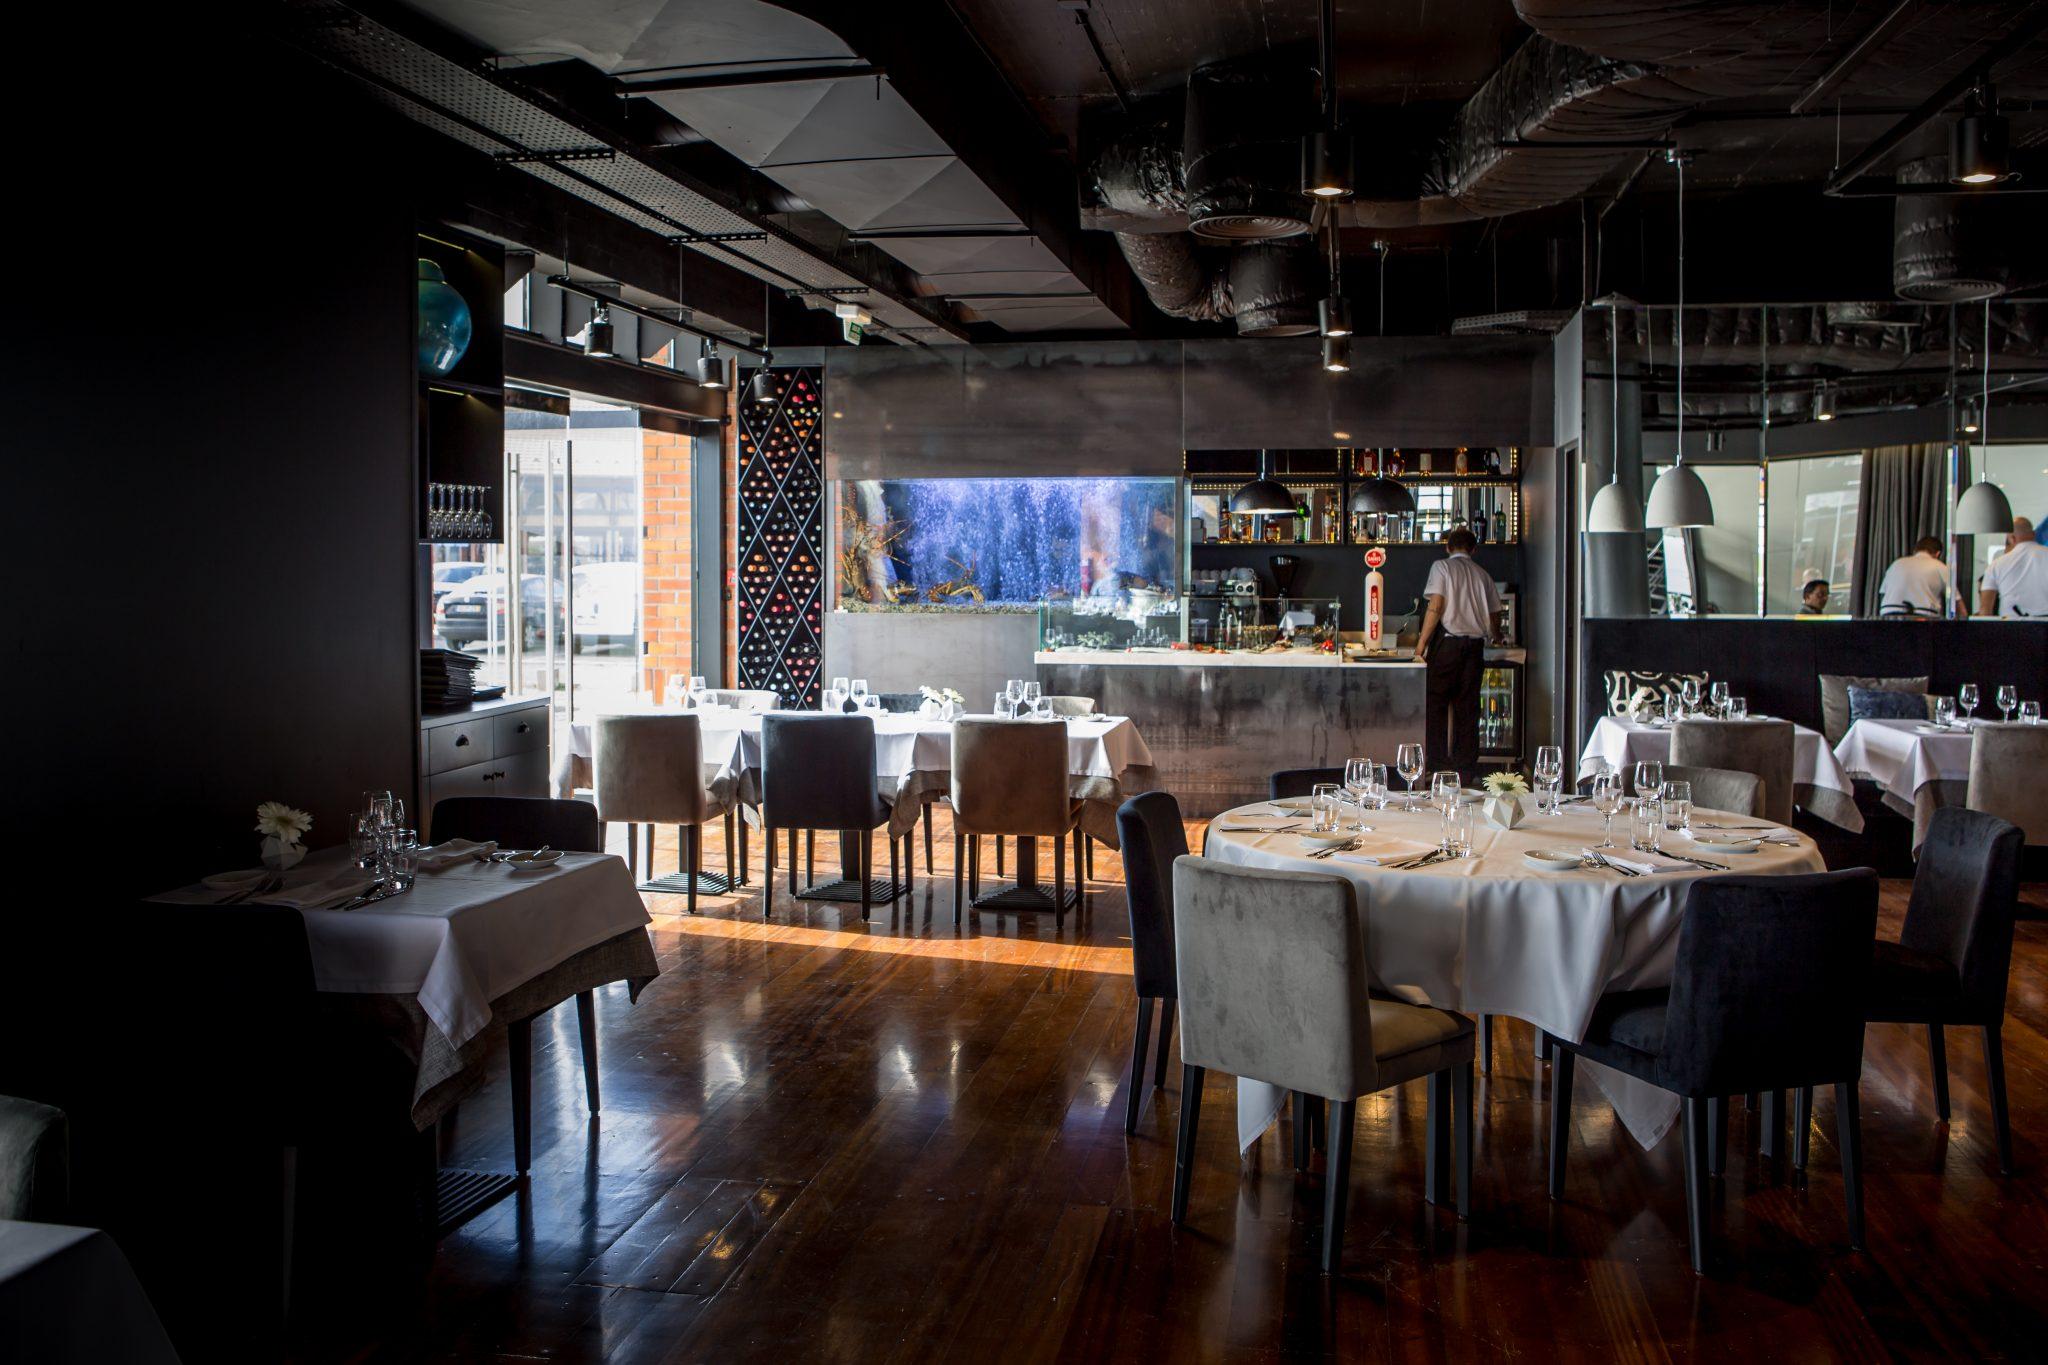 Monte Mar - Restaurant Poisson et Crustaces - Lisbonne - Cais do Sodre